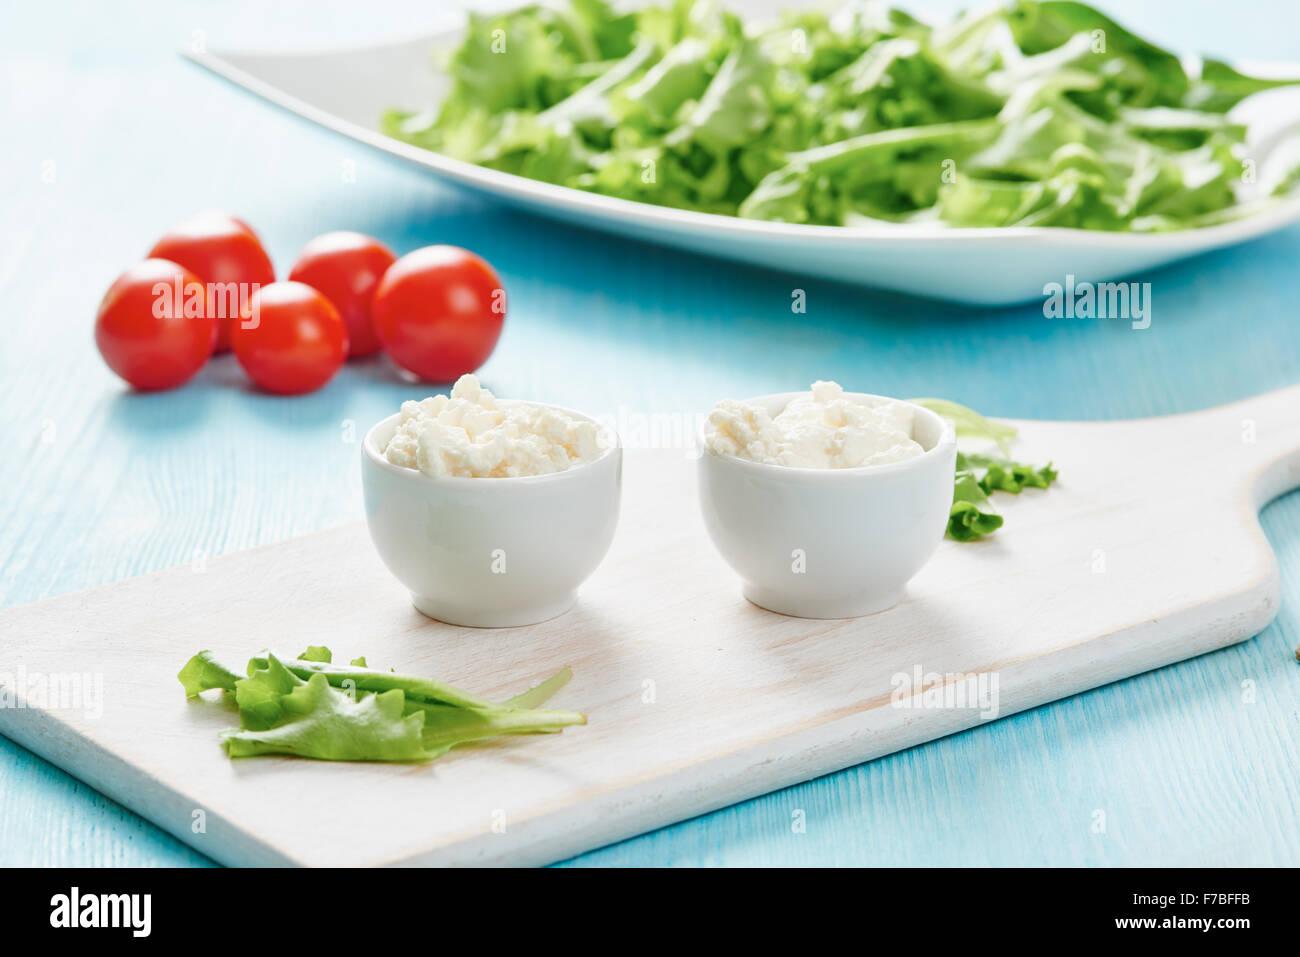 Hüttenkäse in zwei weißen Schalen auf blauen Holztisch, Salat und Tomate Stockfoto